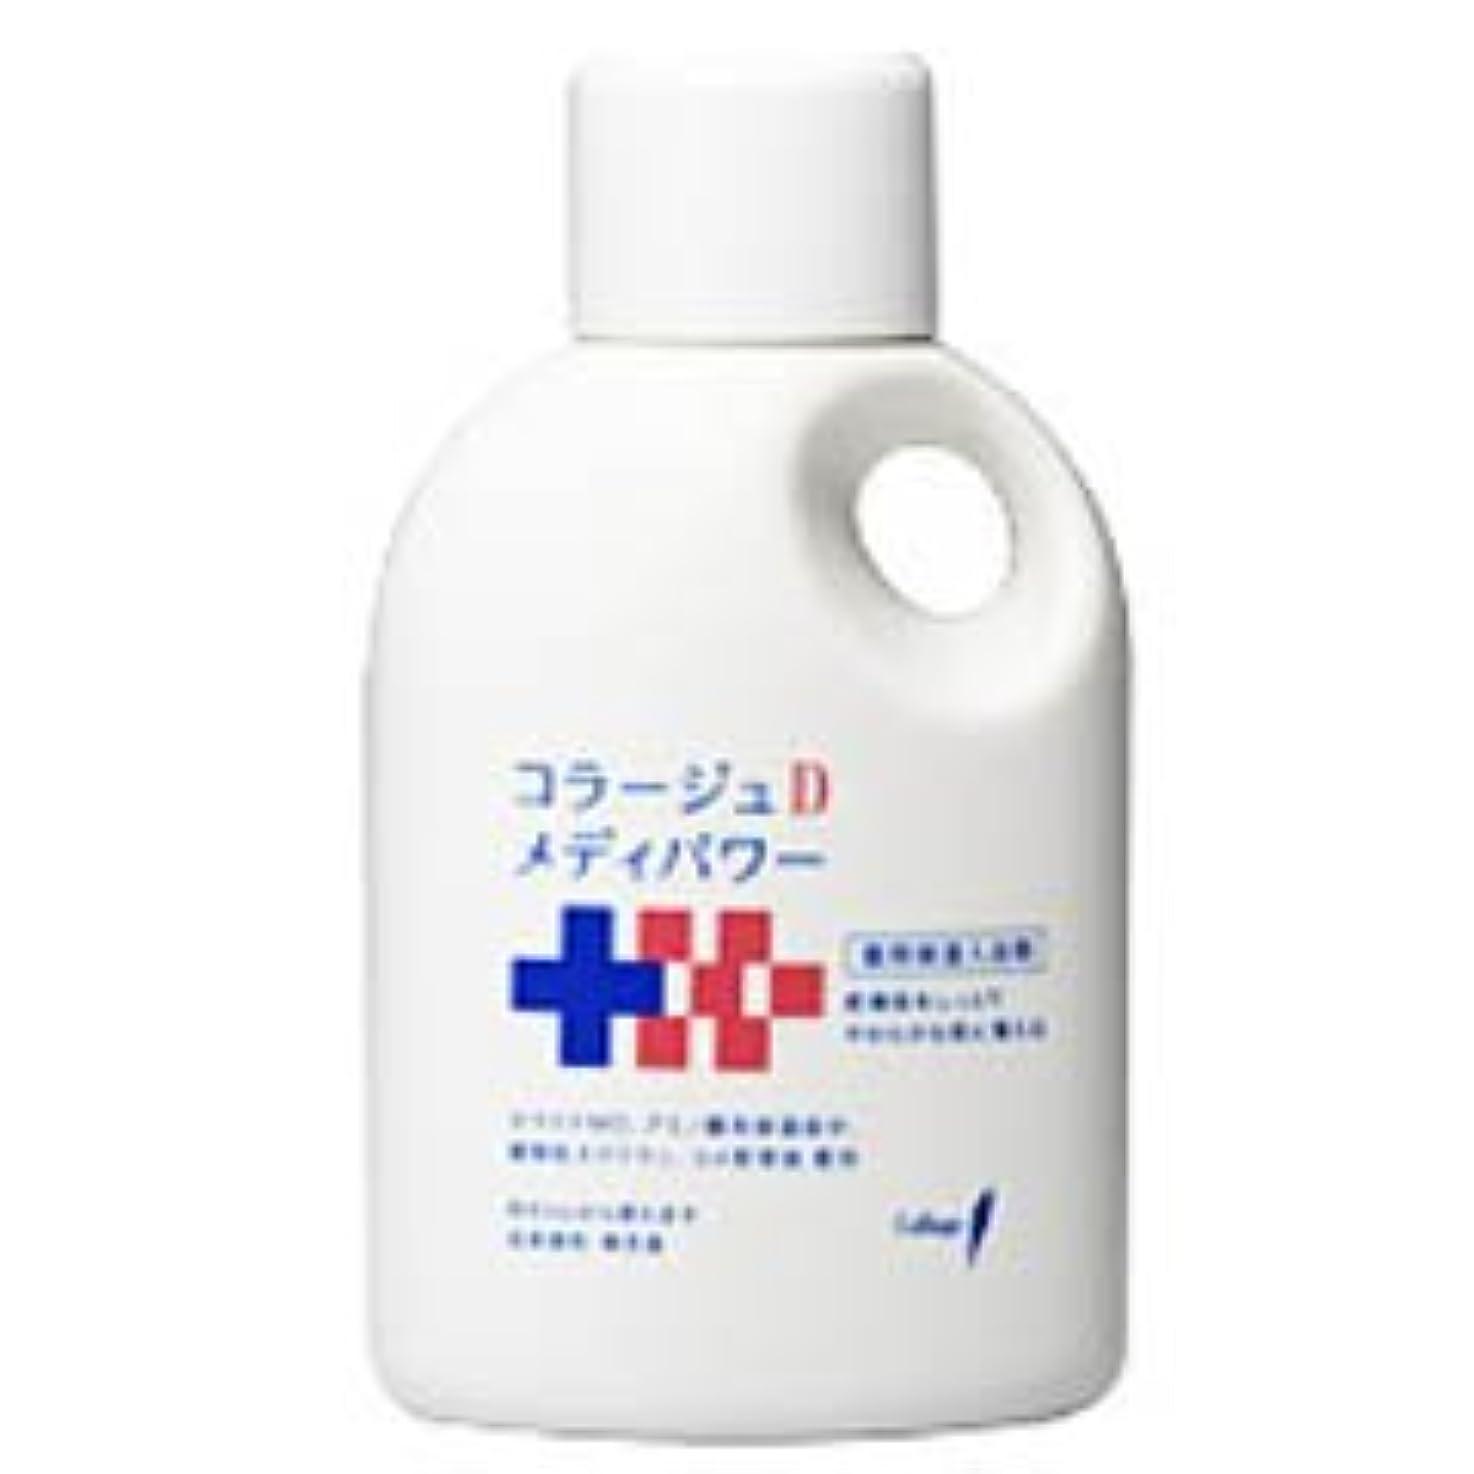 違反資産オーバーラン【持田ヘルスケア】コラージュD メディパワー 保湿入浴液 500ml